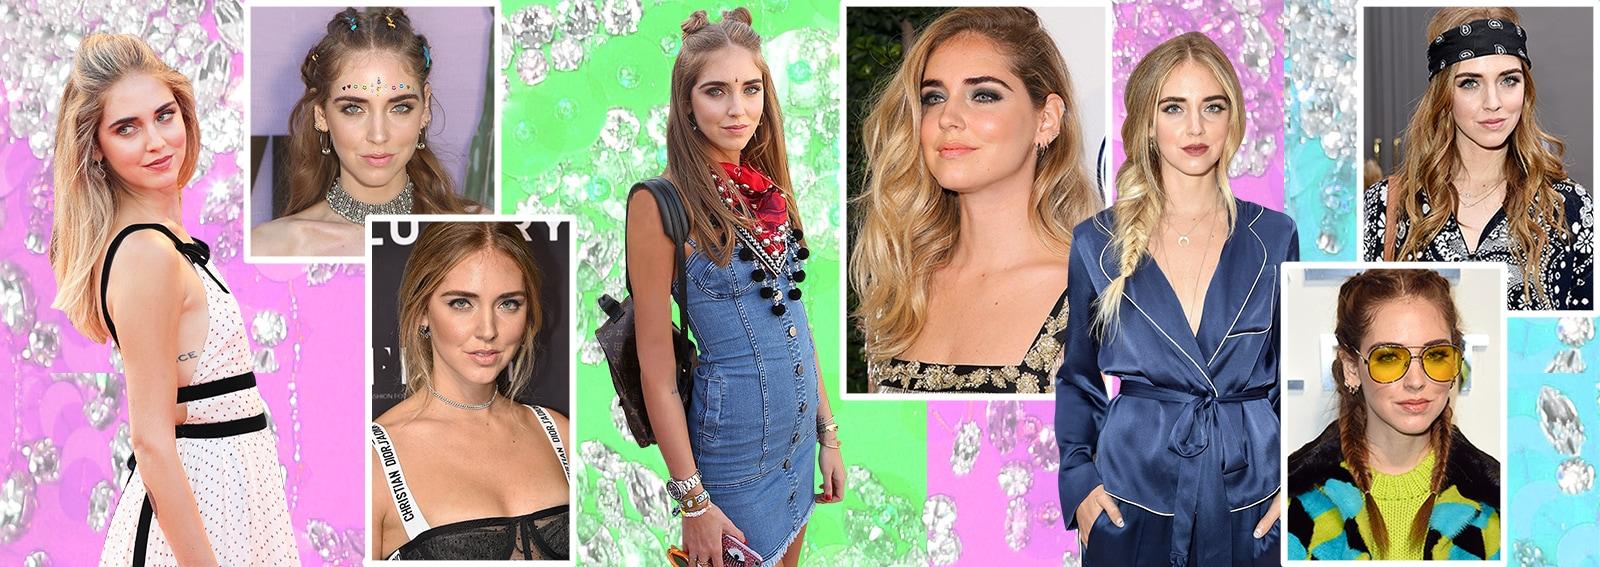 chiara ferragni capelli trucco beauty look collage_desktop